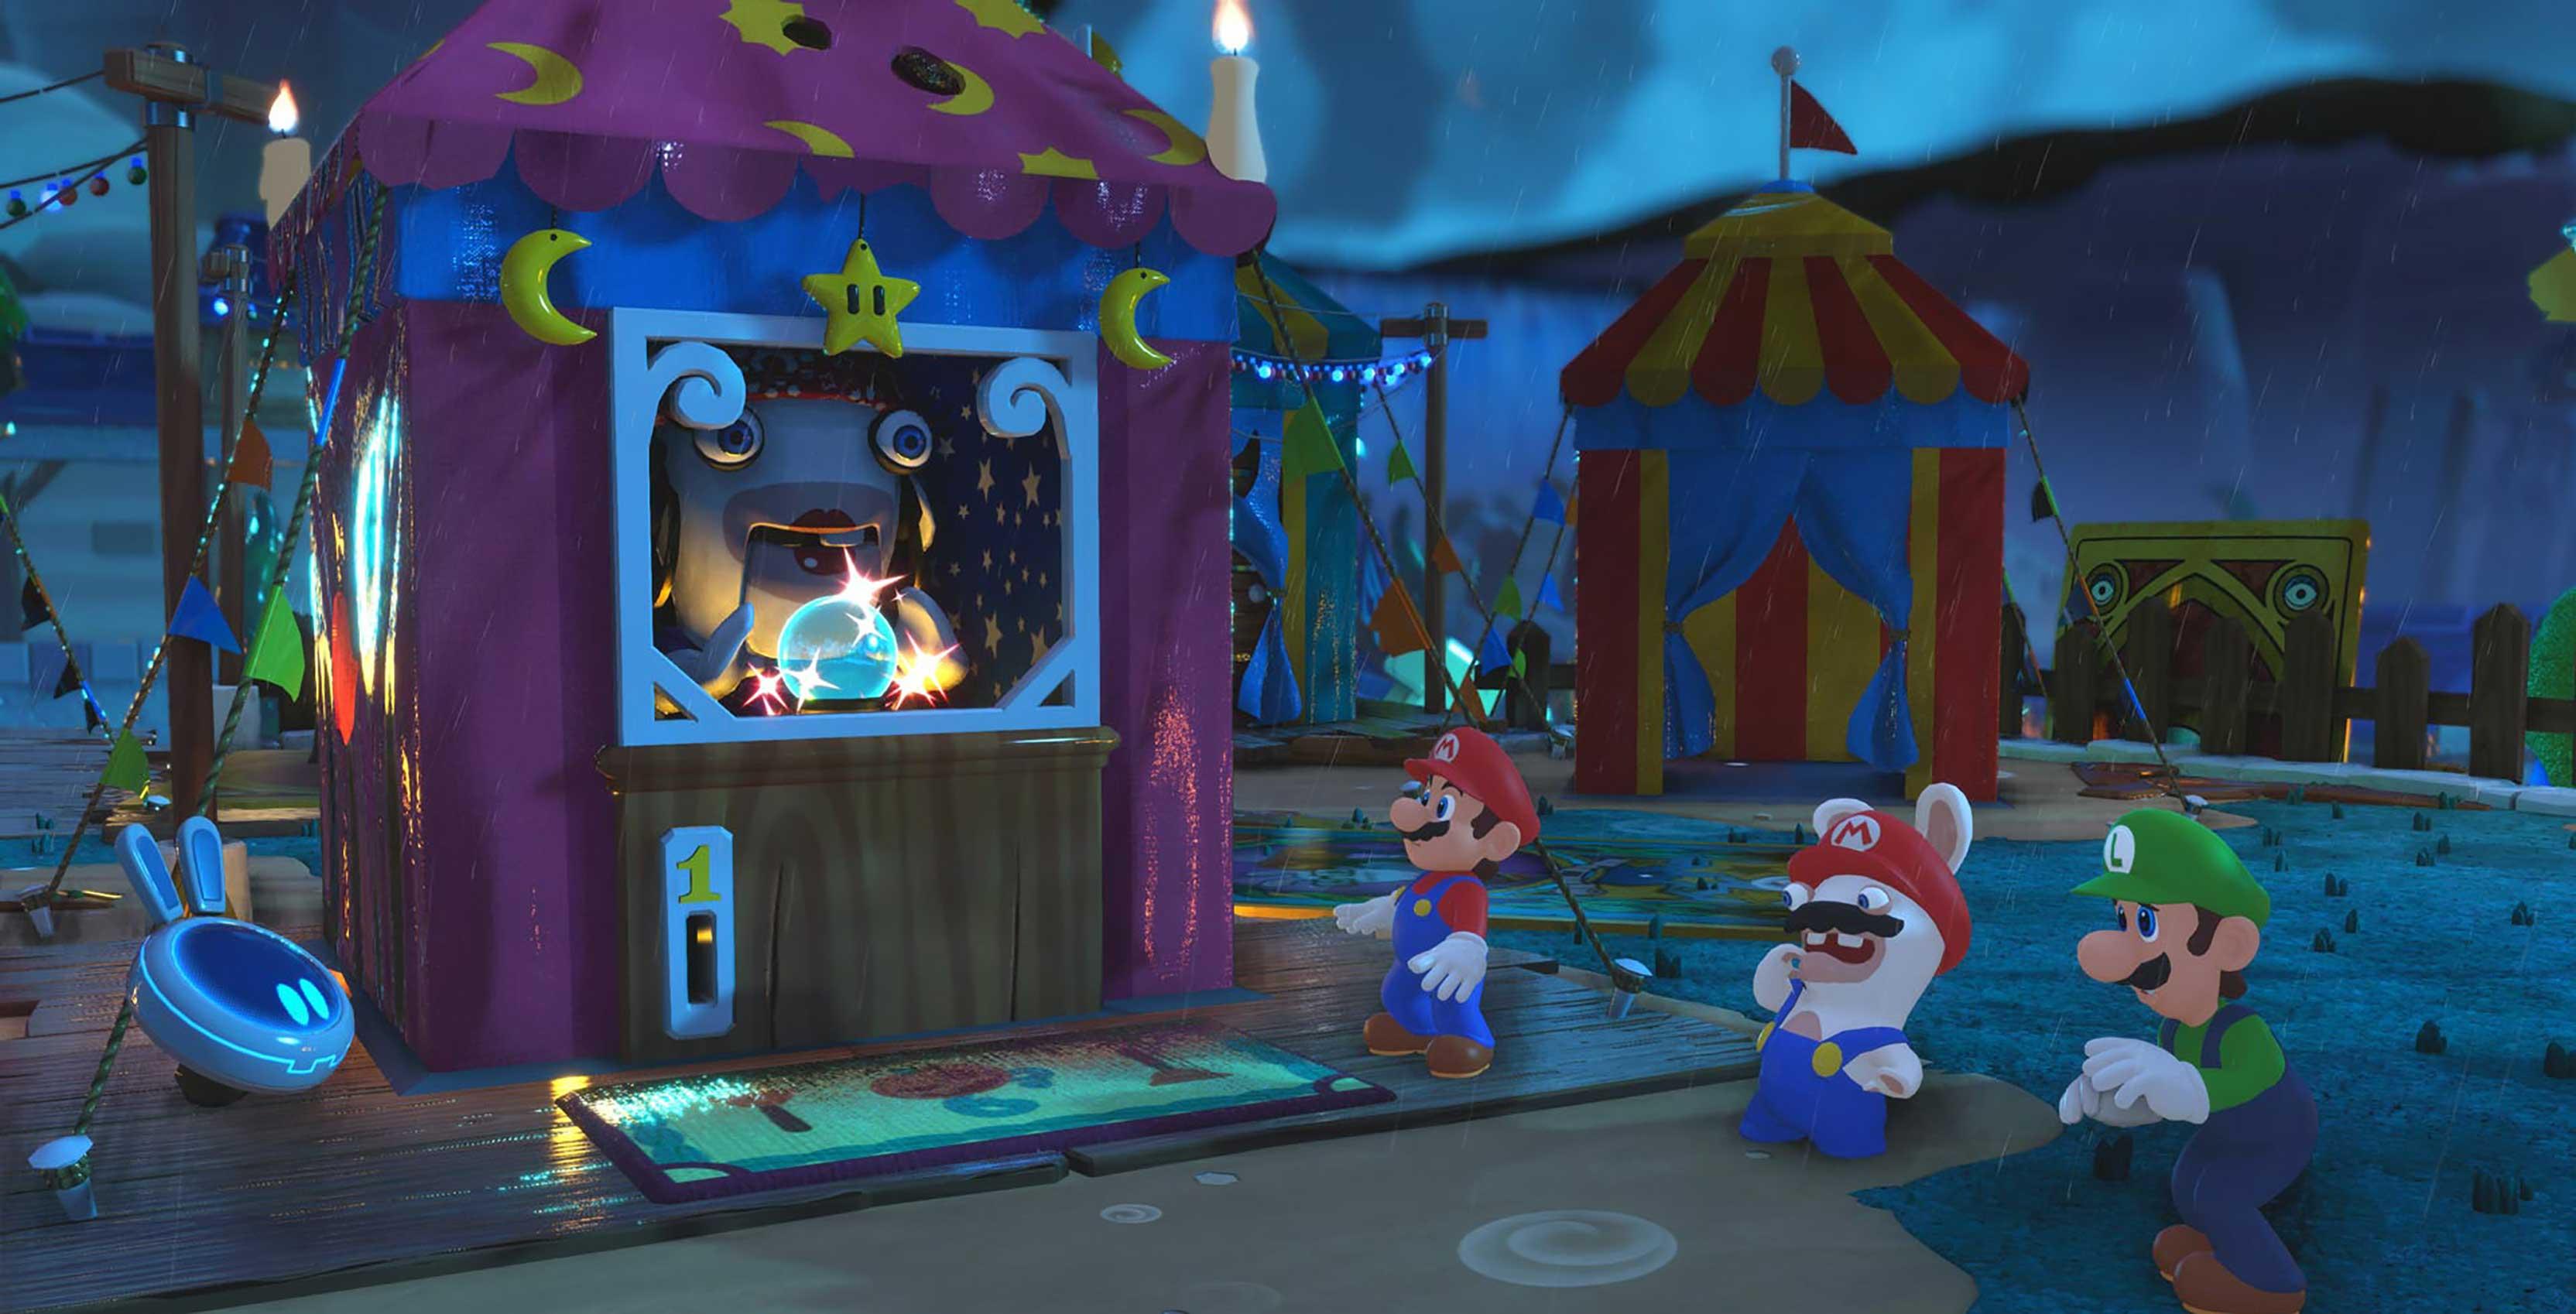 Mario + Rabbids Kingdom Battle spooky